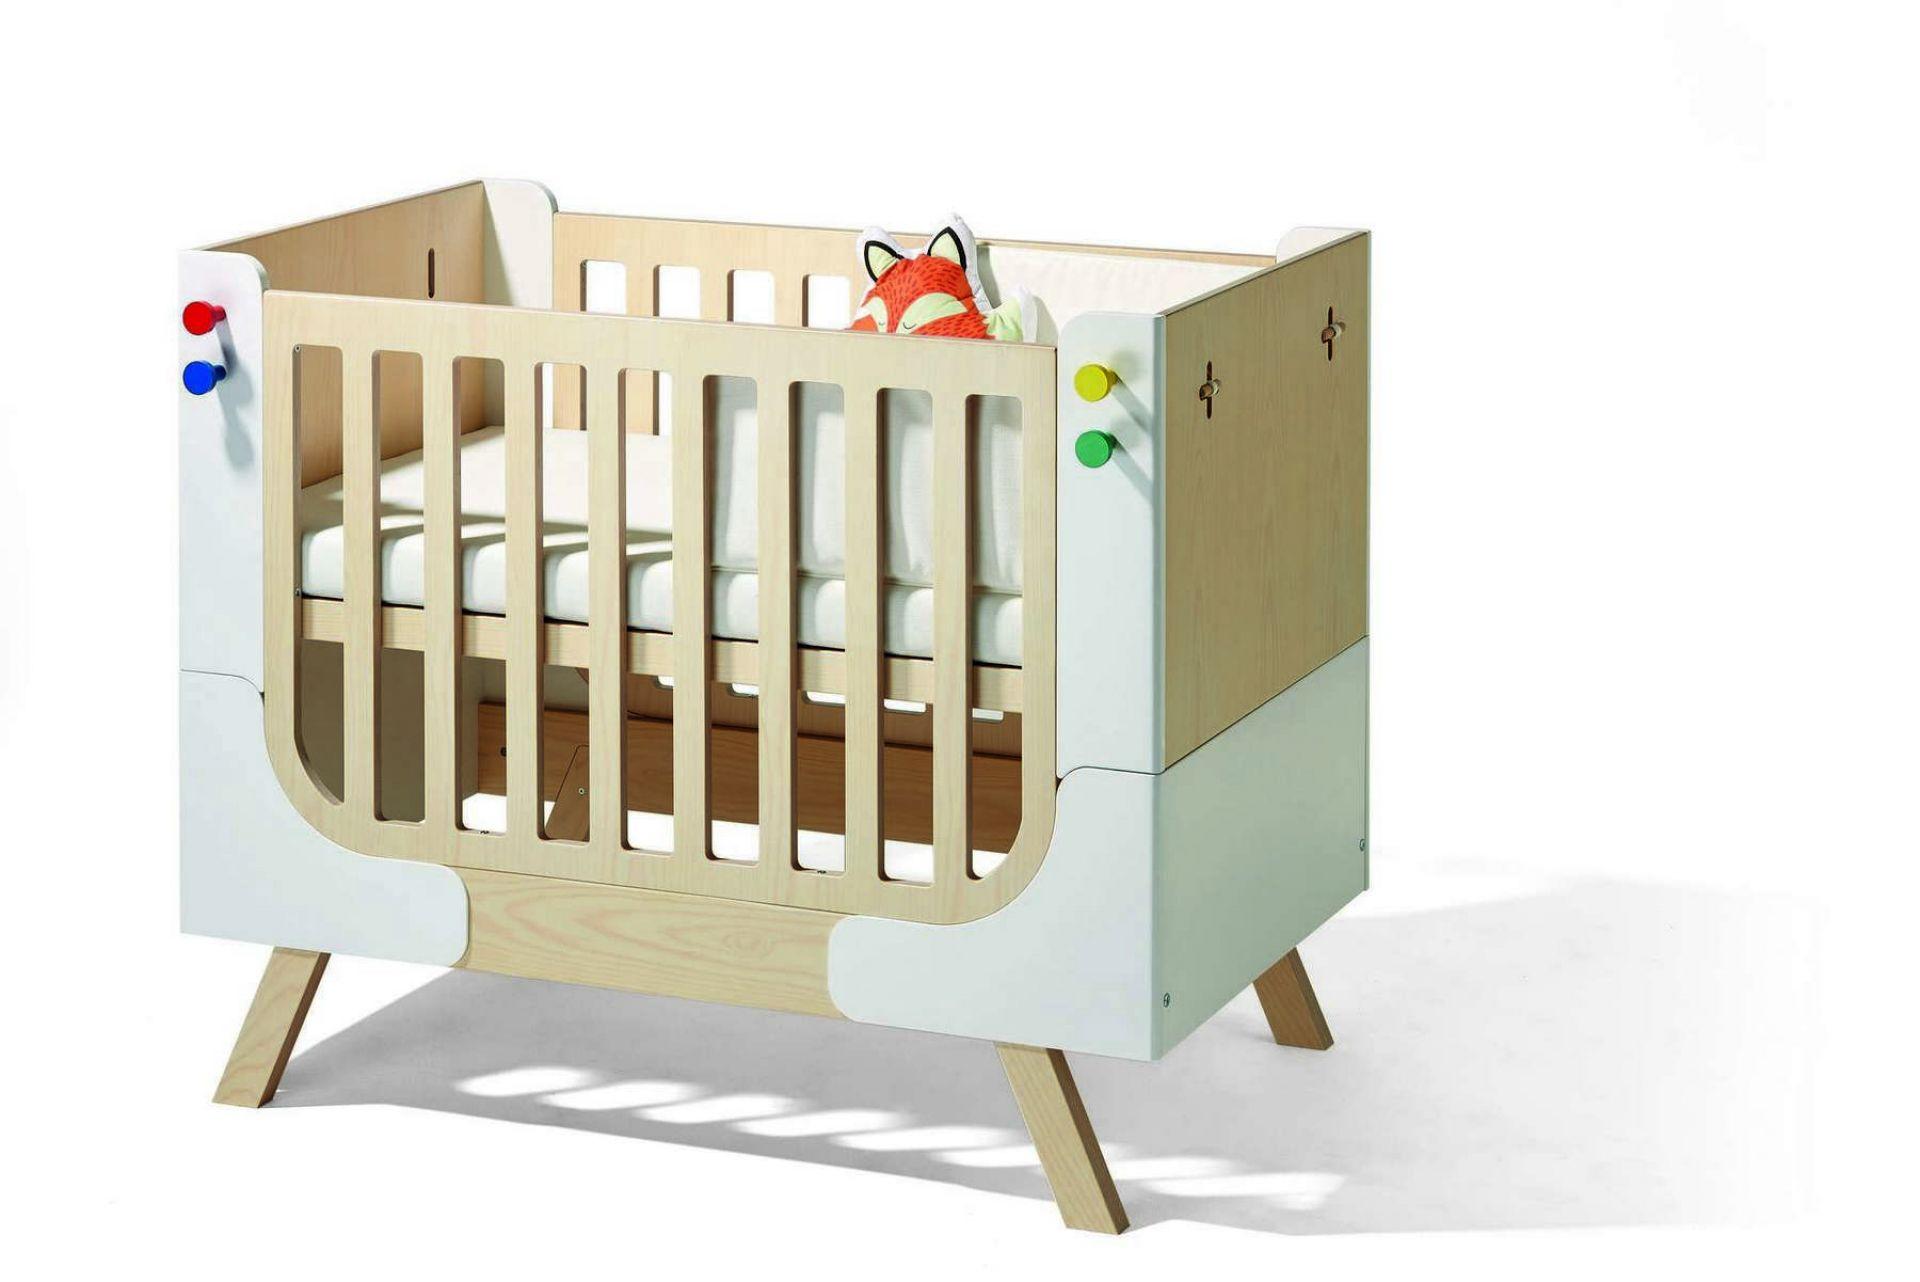 Famille Garage Babybett / Kinderbett Richard Lampert